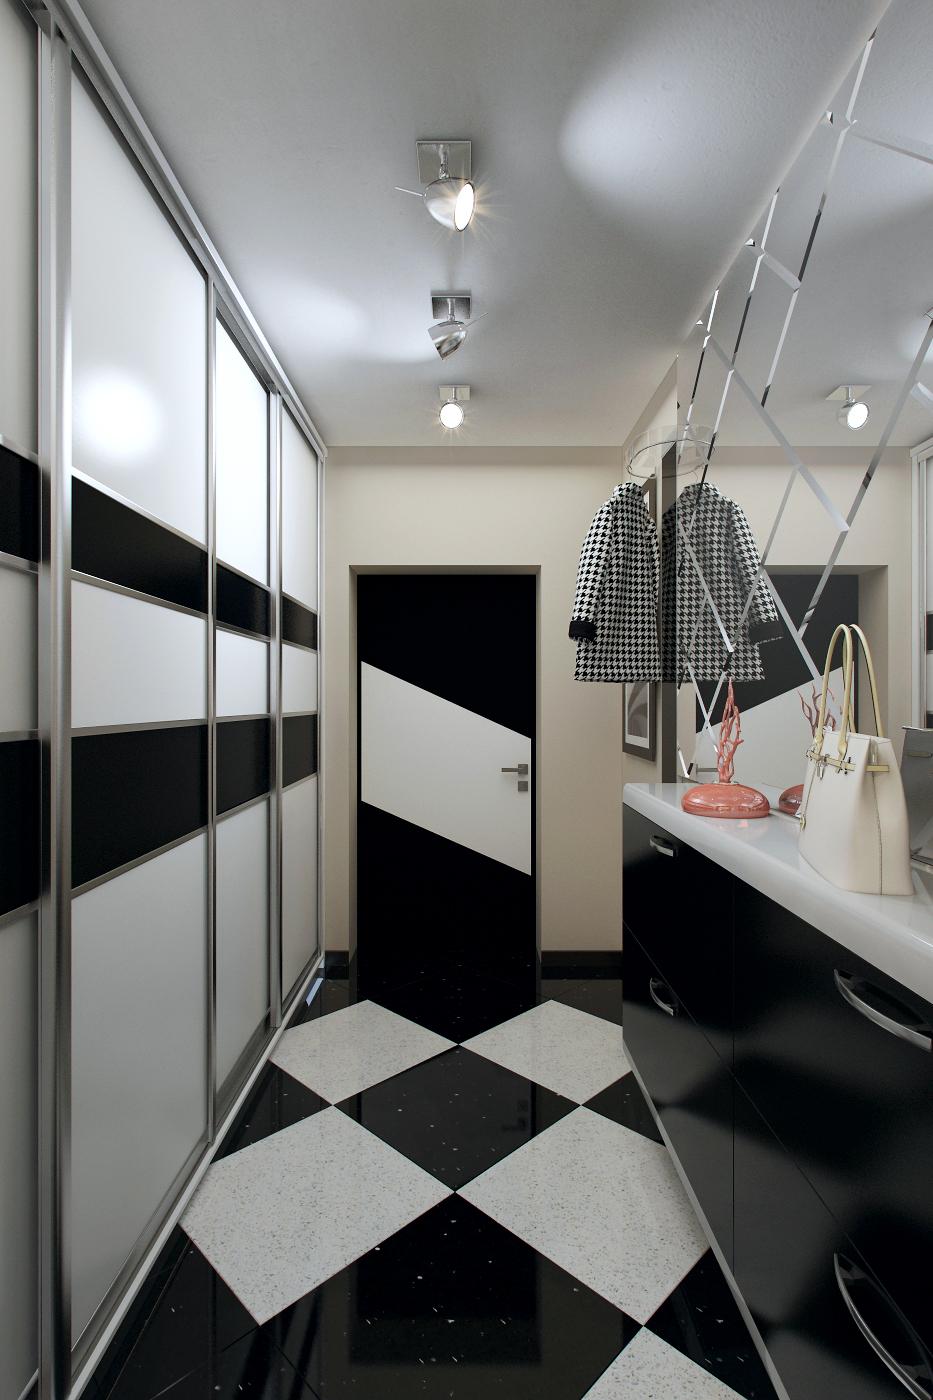 Черно-белая плитка с вкраплениями на полу в прихожей